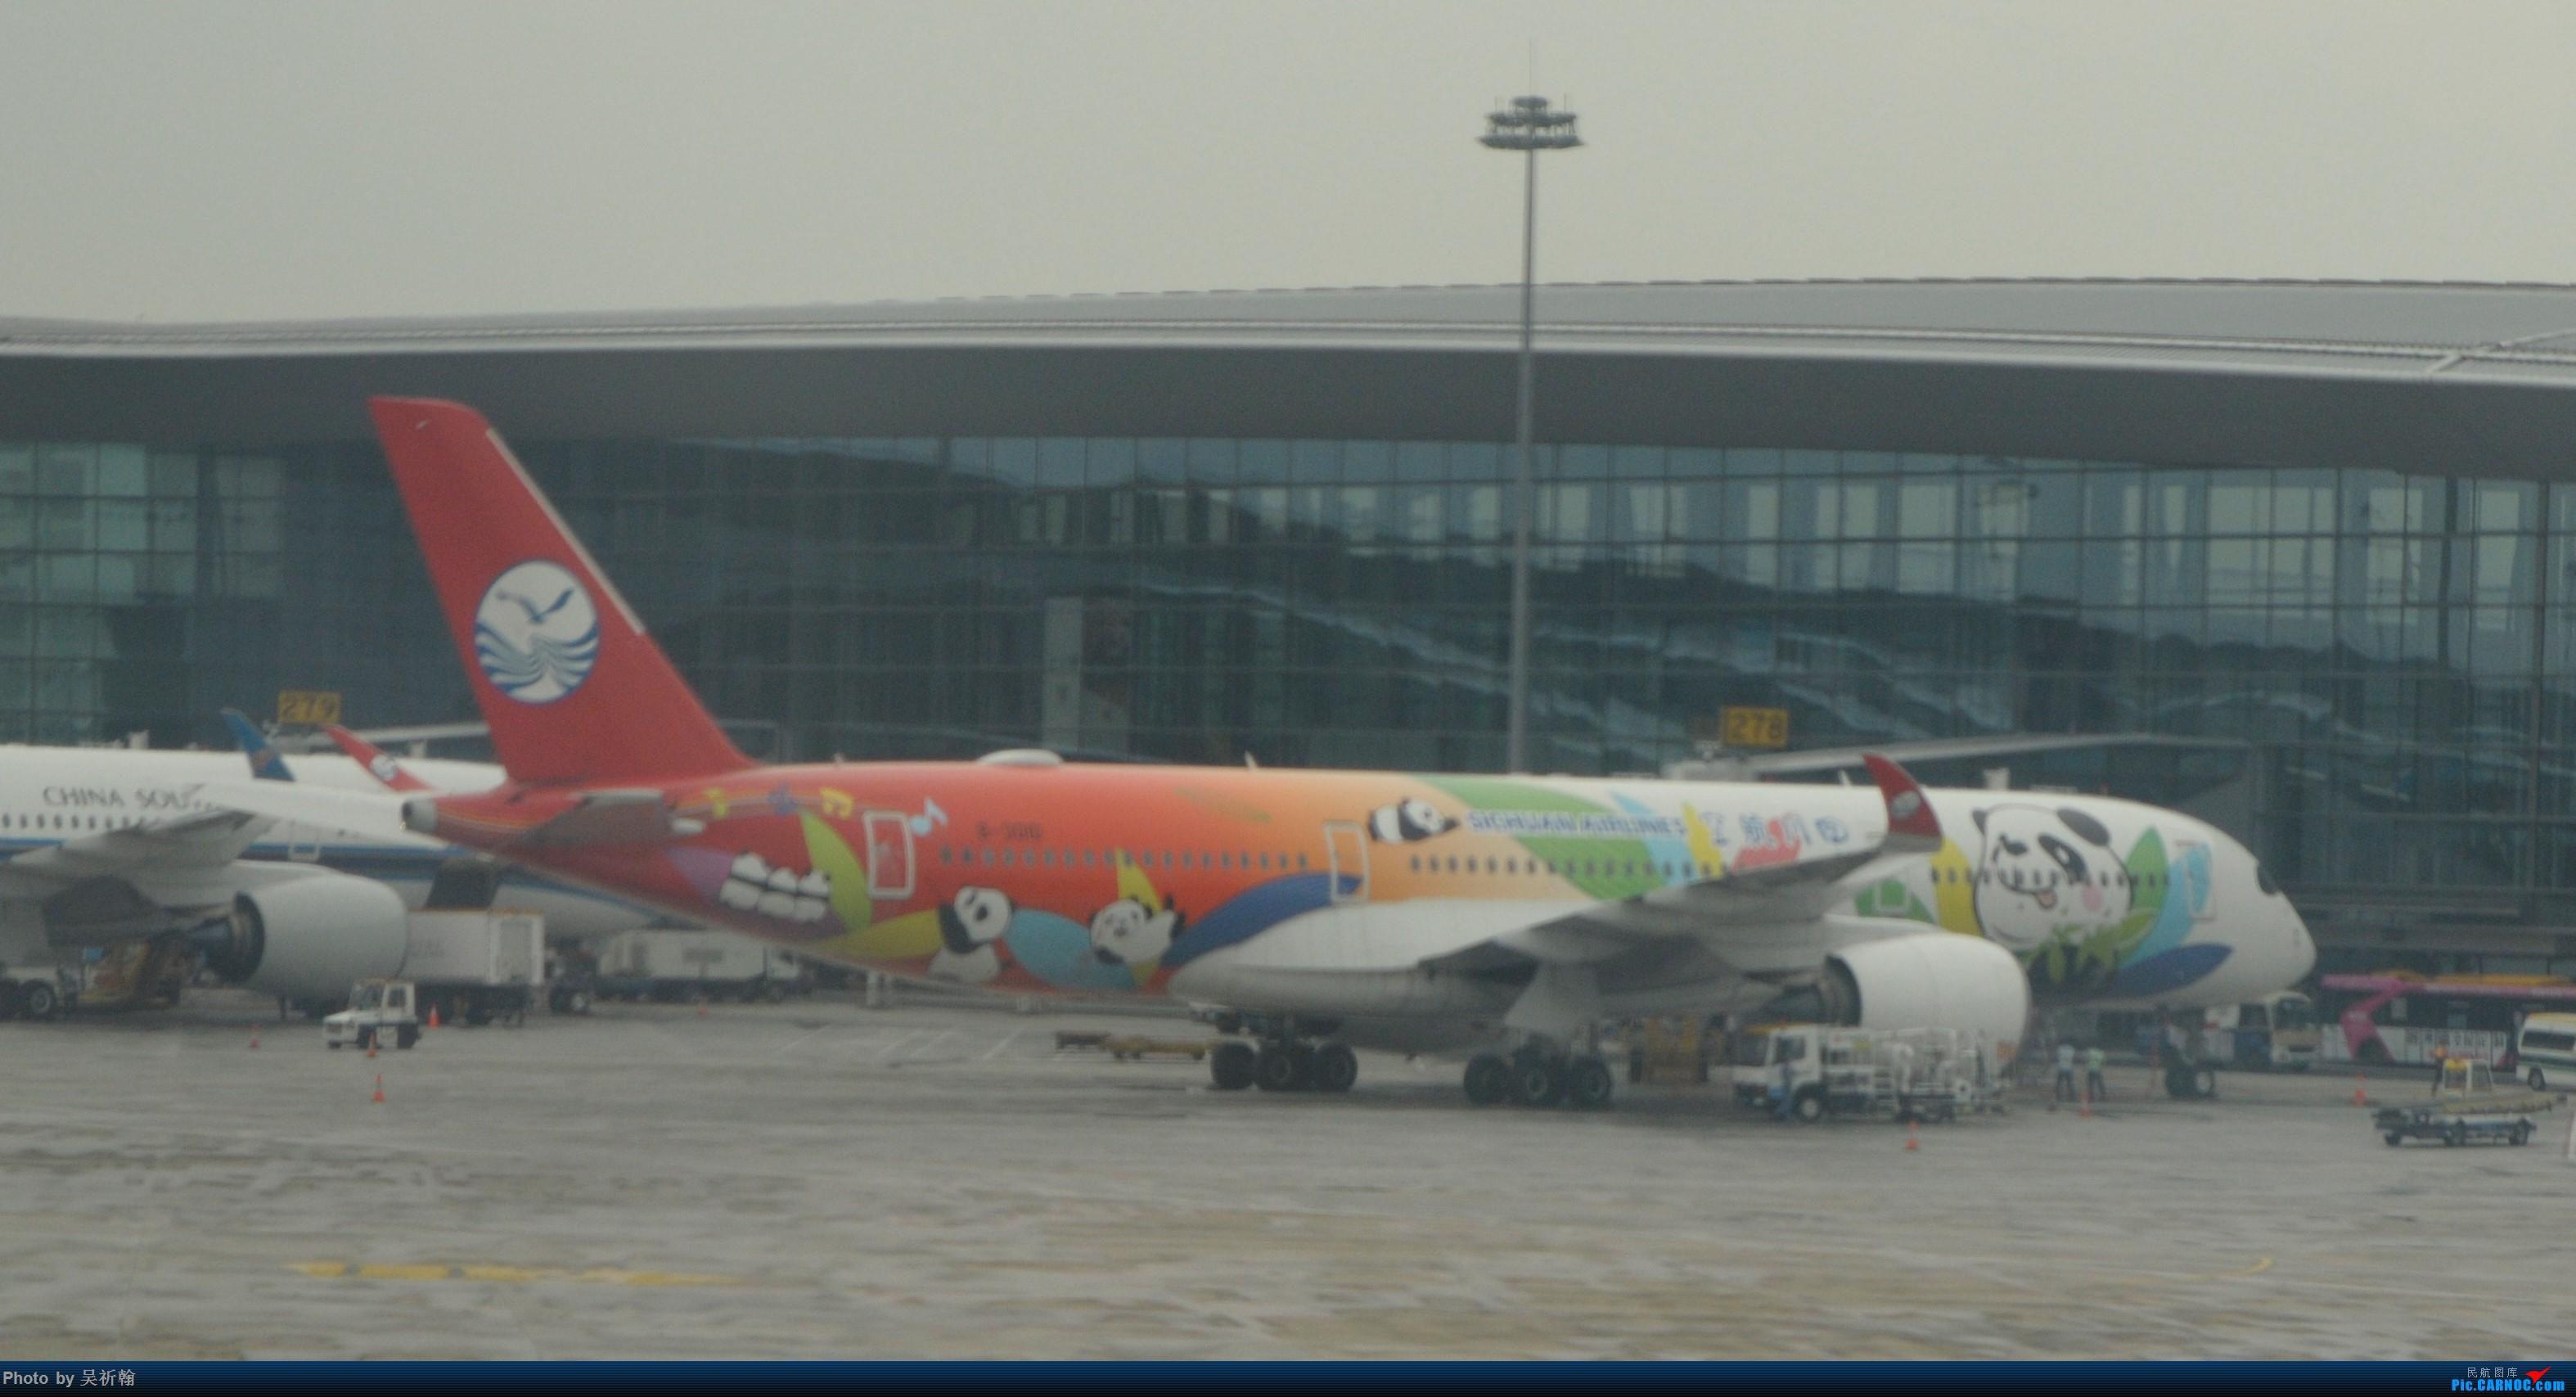 Re:[原创]Kian的飞行游记2:金陵2日游,B787返回广州 AIRBUS A350-900 B-301D